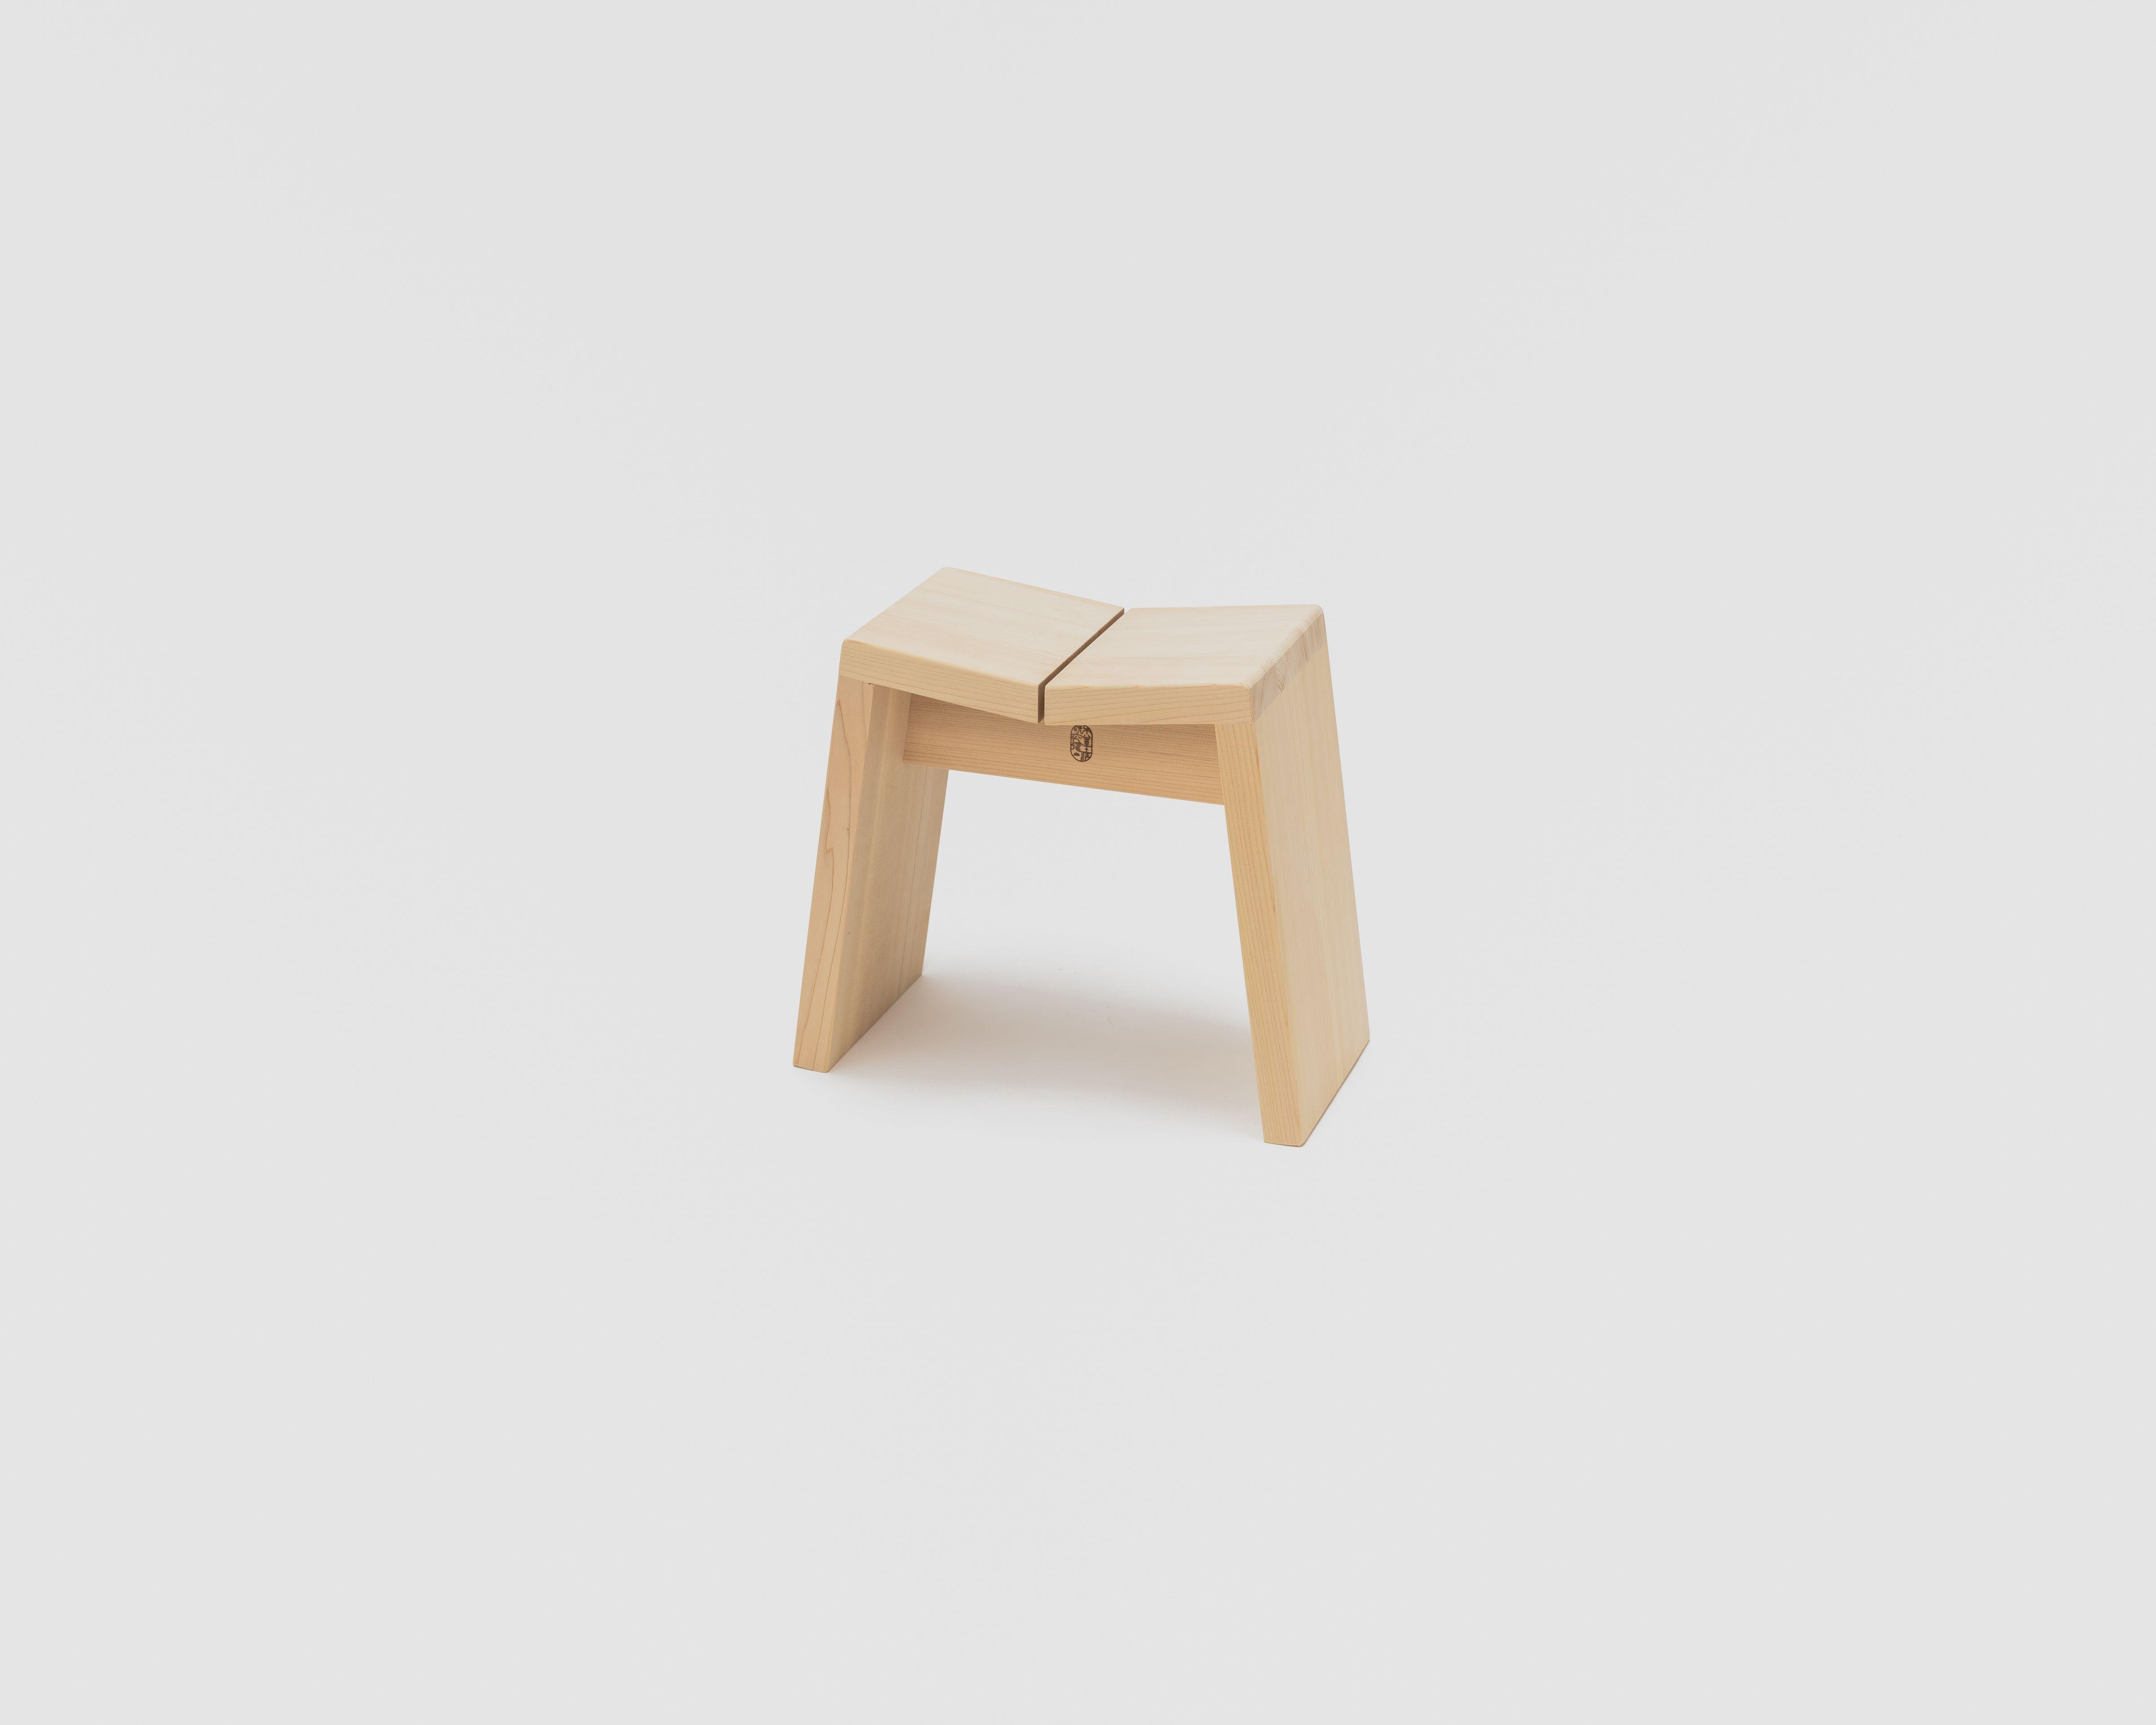 木曽のサワラでつくった風呂椅子04